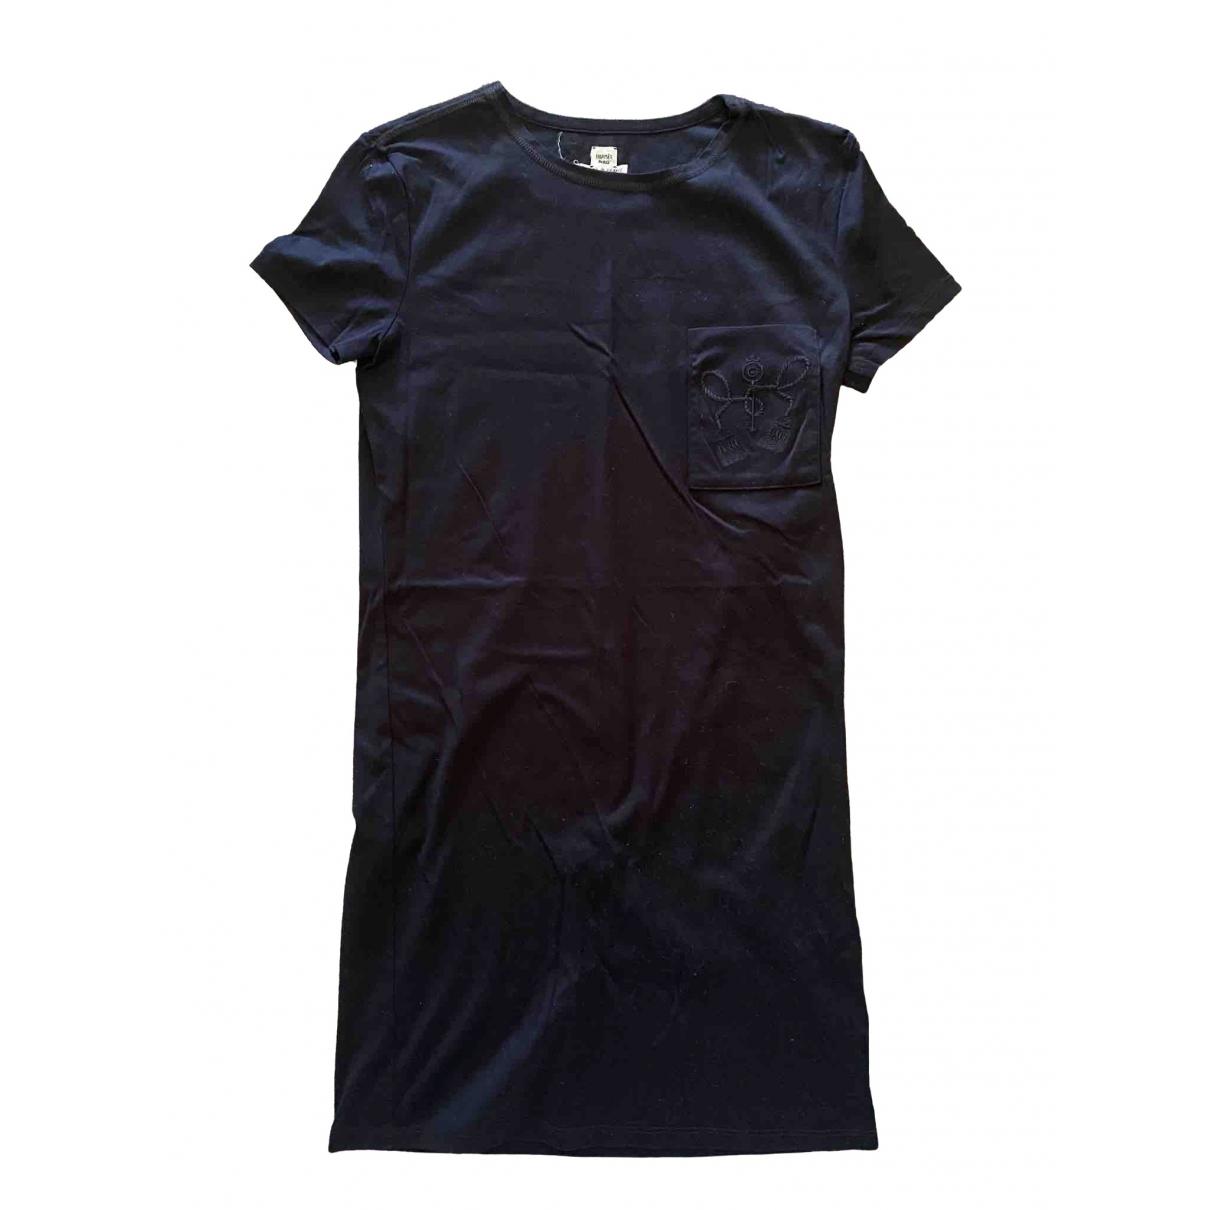 Hermès \N Black Cotton dress for Women 34 FR